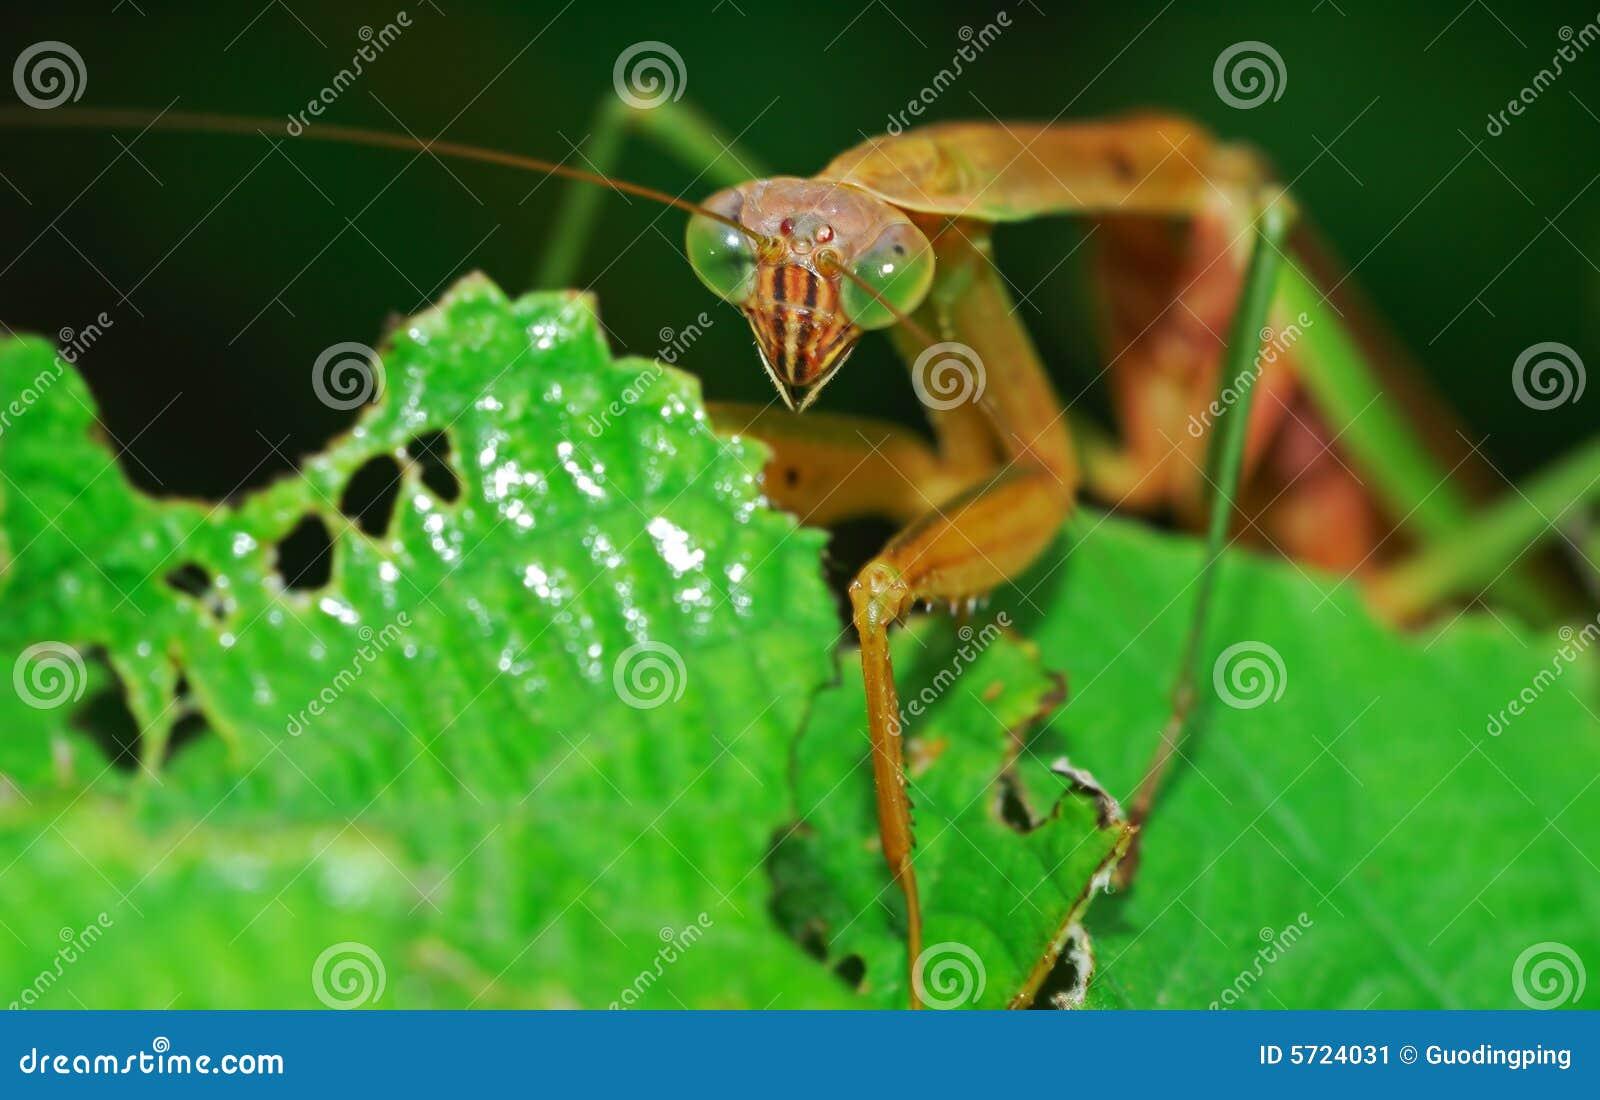 Mantis attaquant